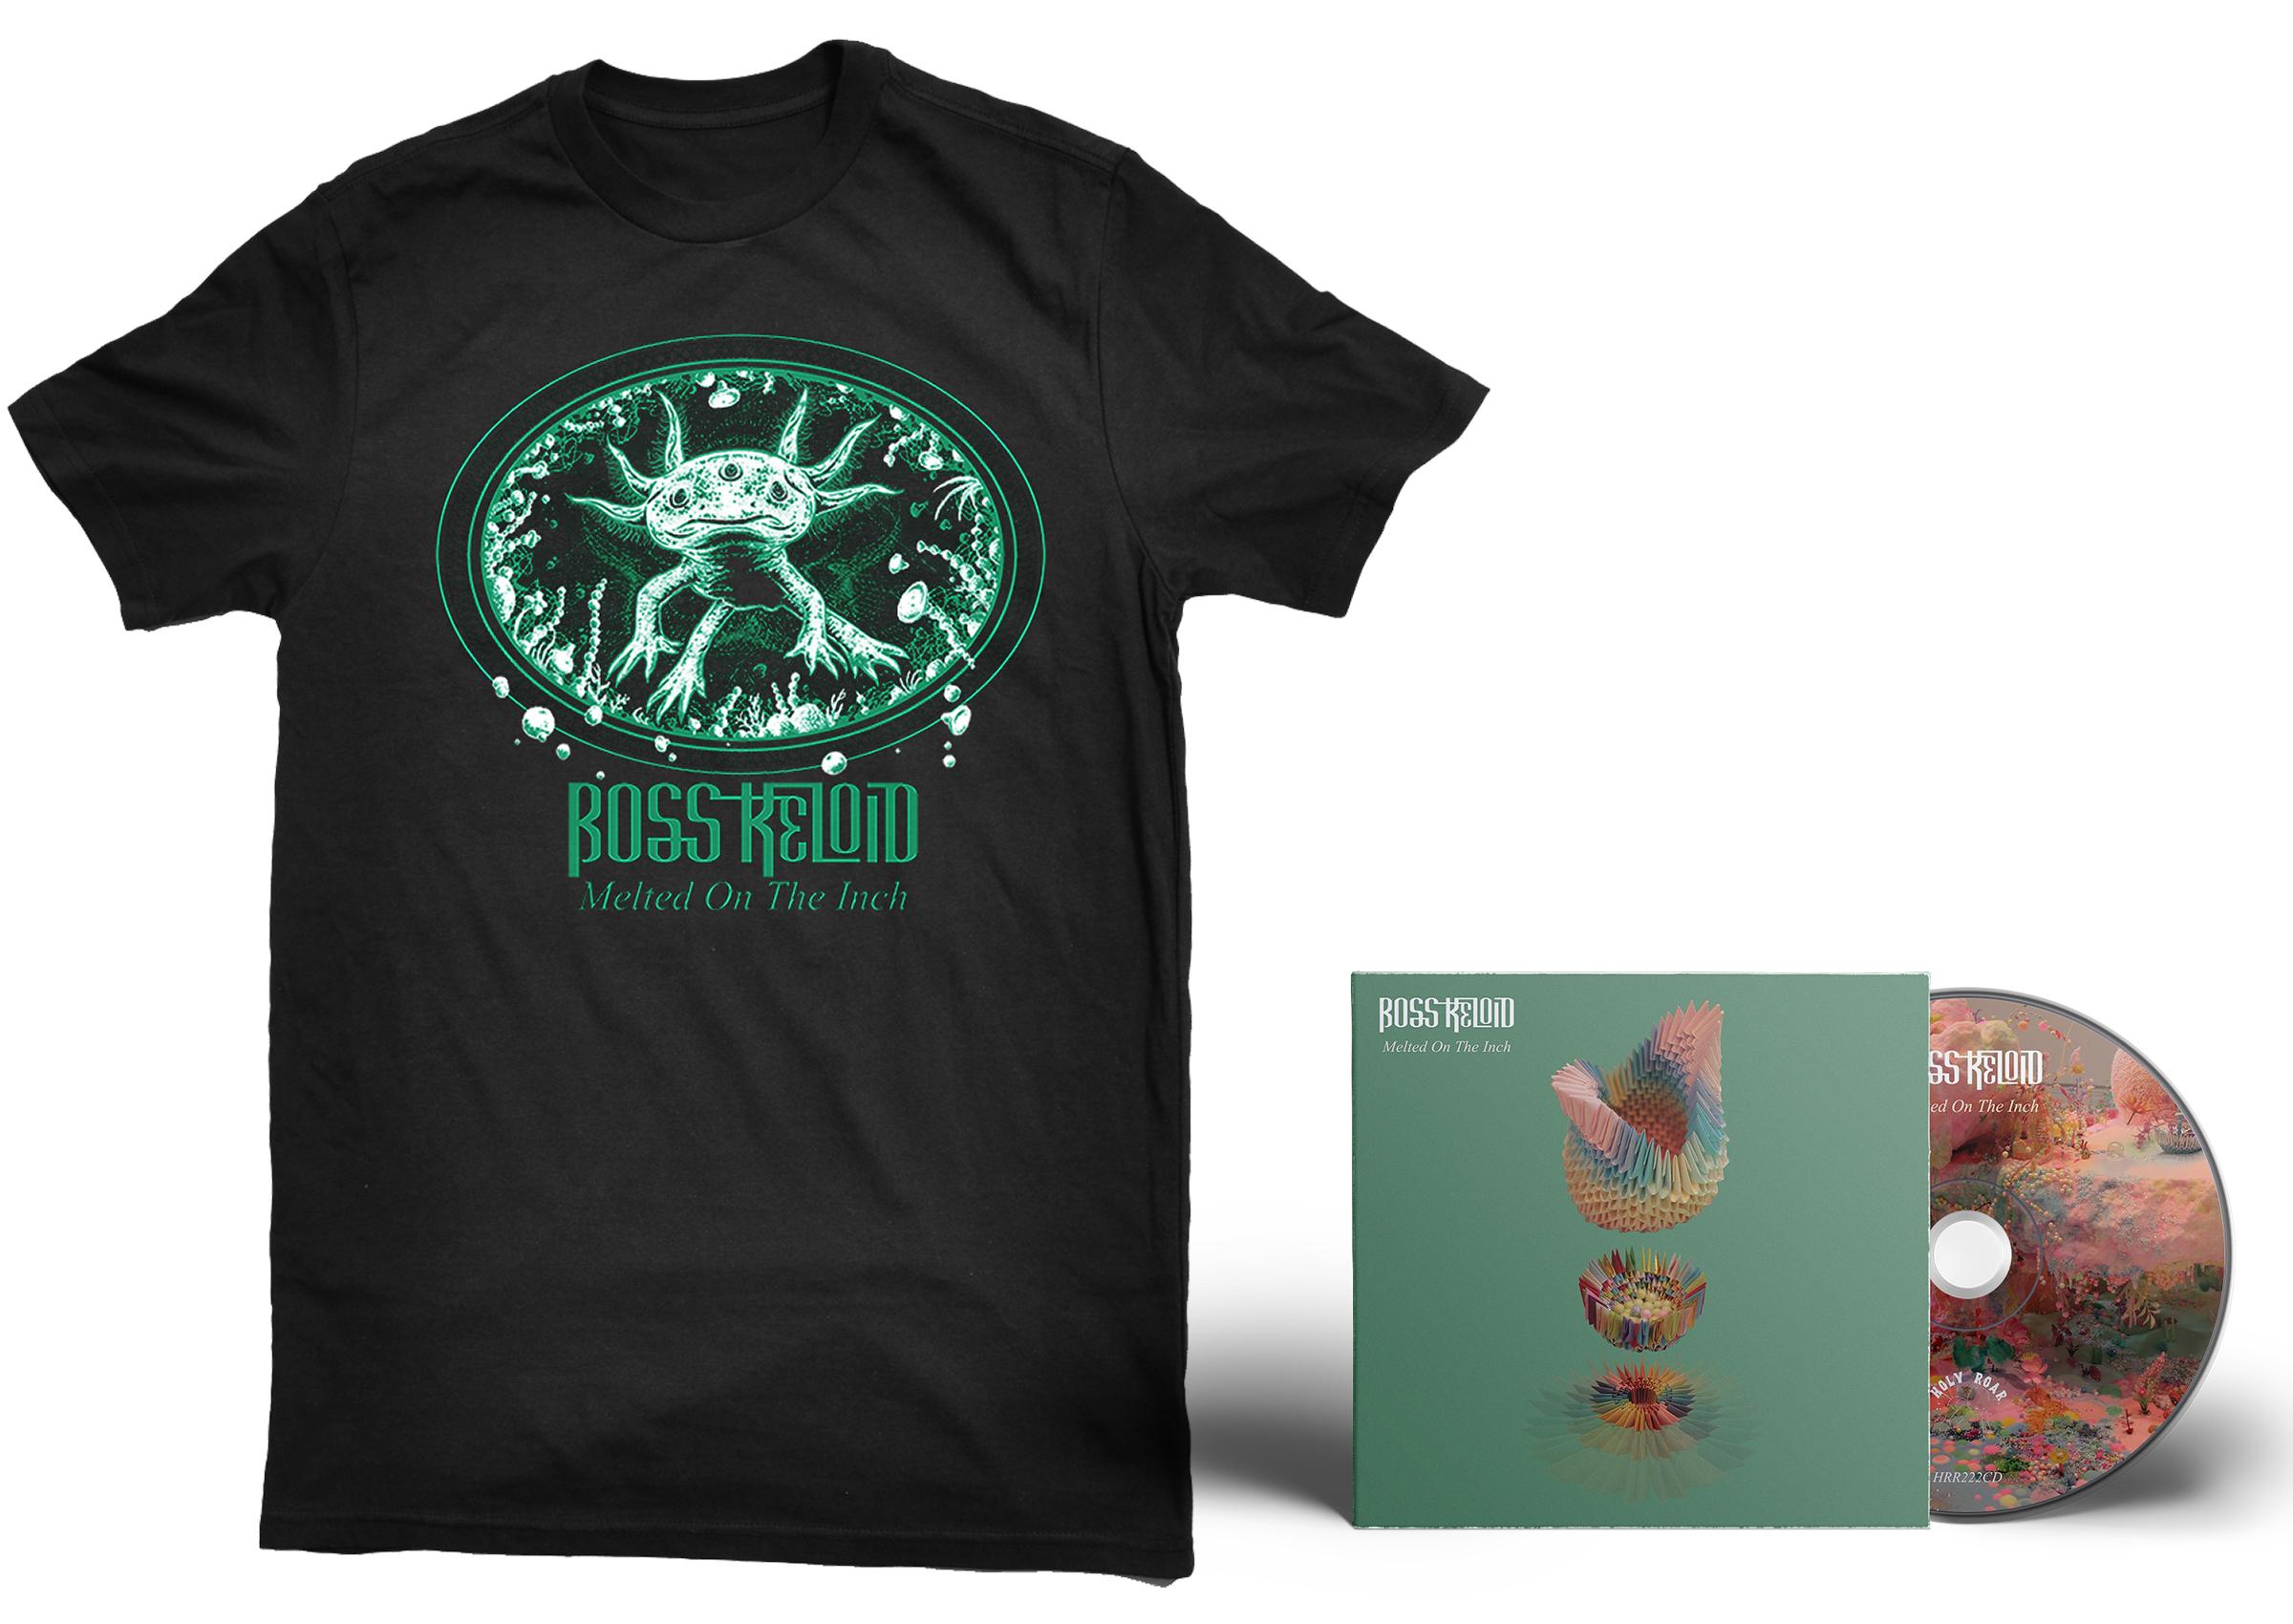 Boss Keloid 'Melted...' Axolotl shirt + CD